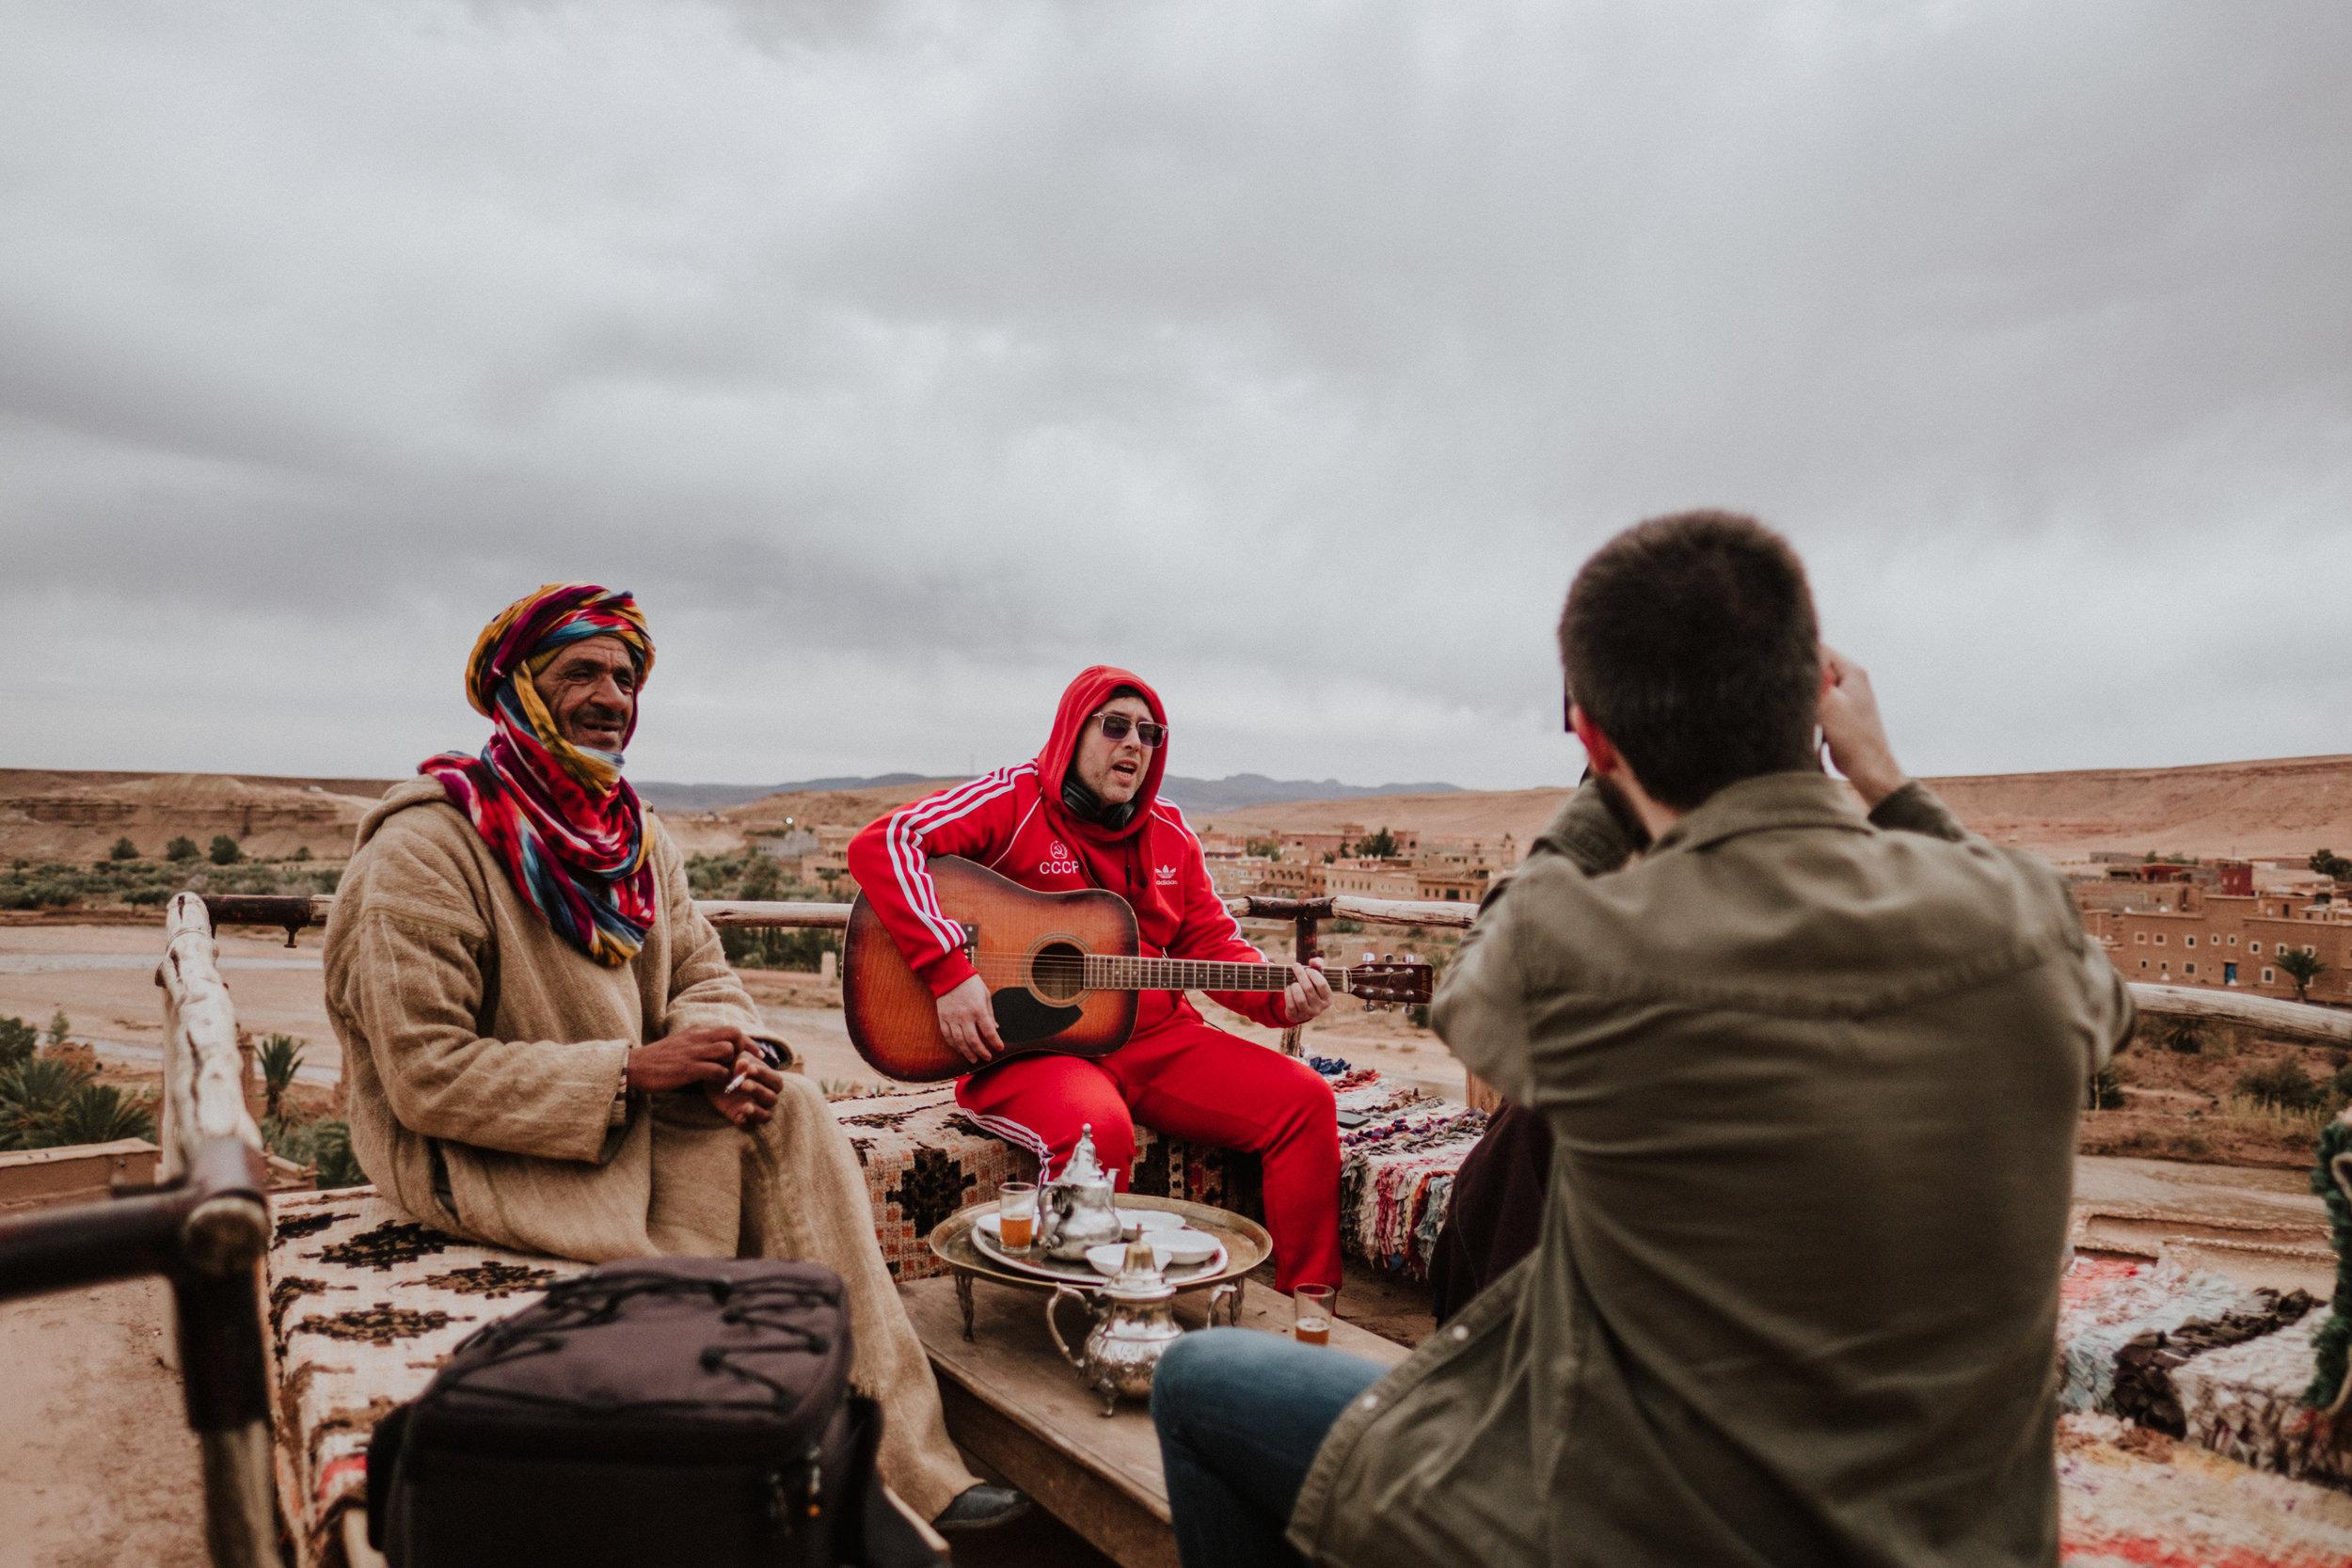 Fuji Wedding Photography, Morocco Wedding Photographer